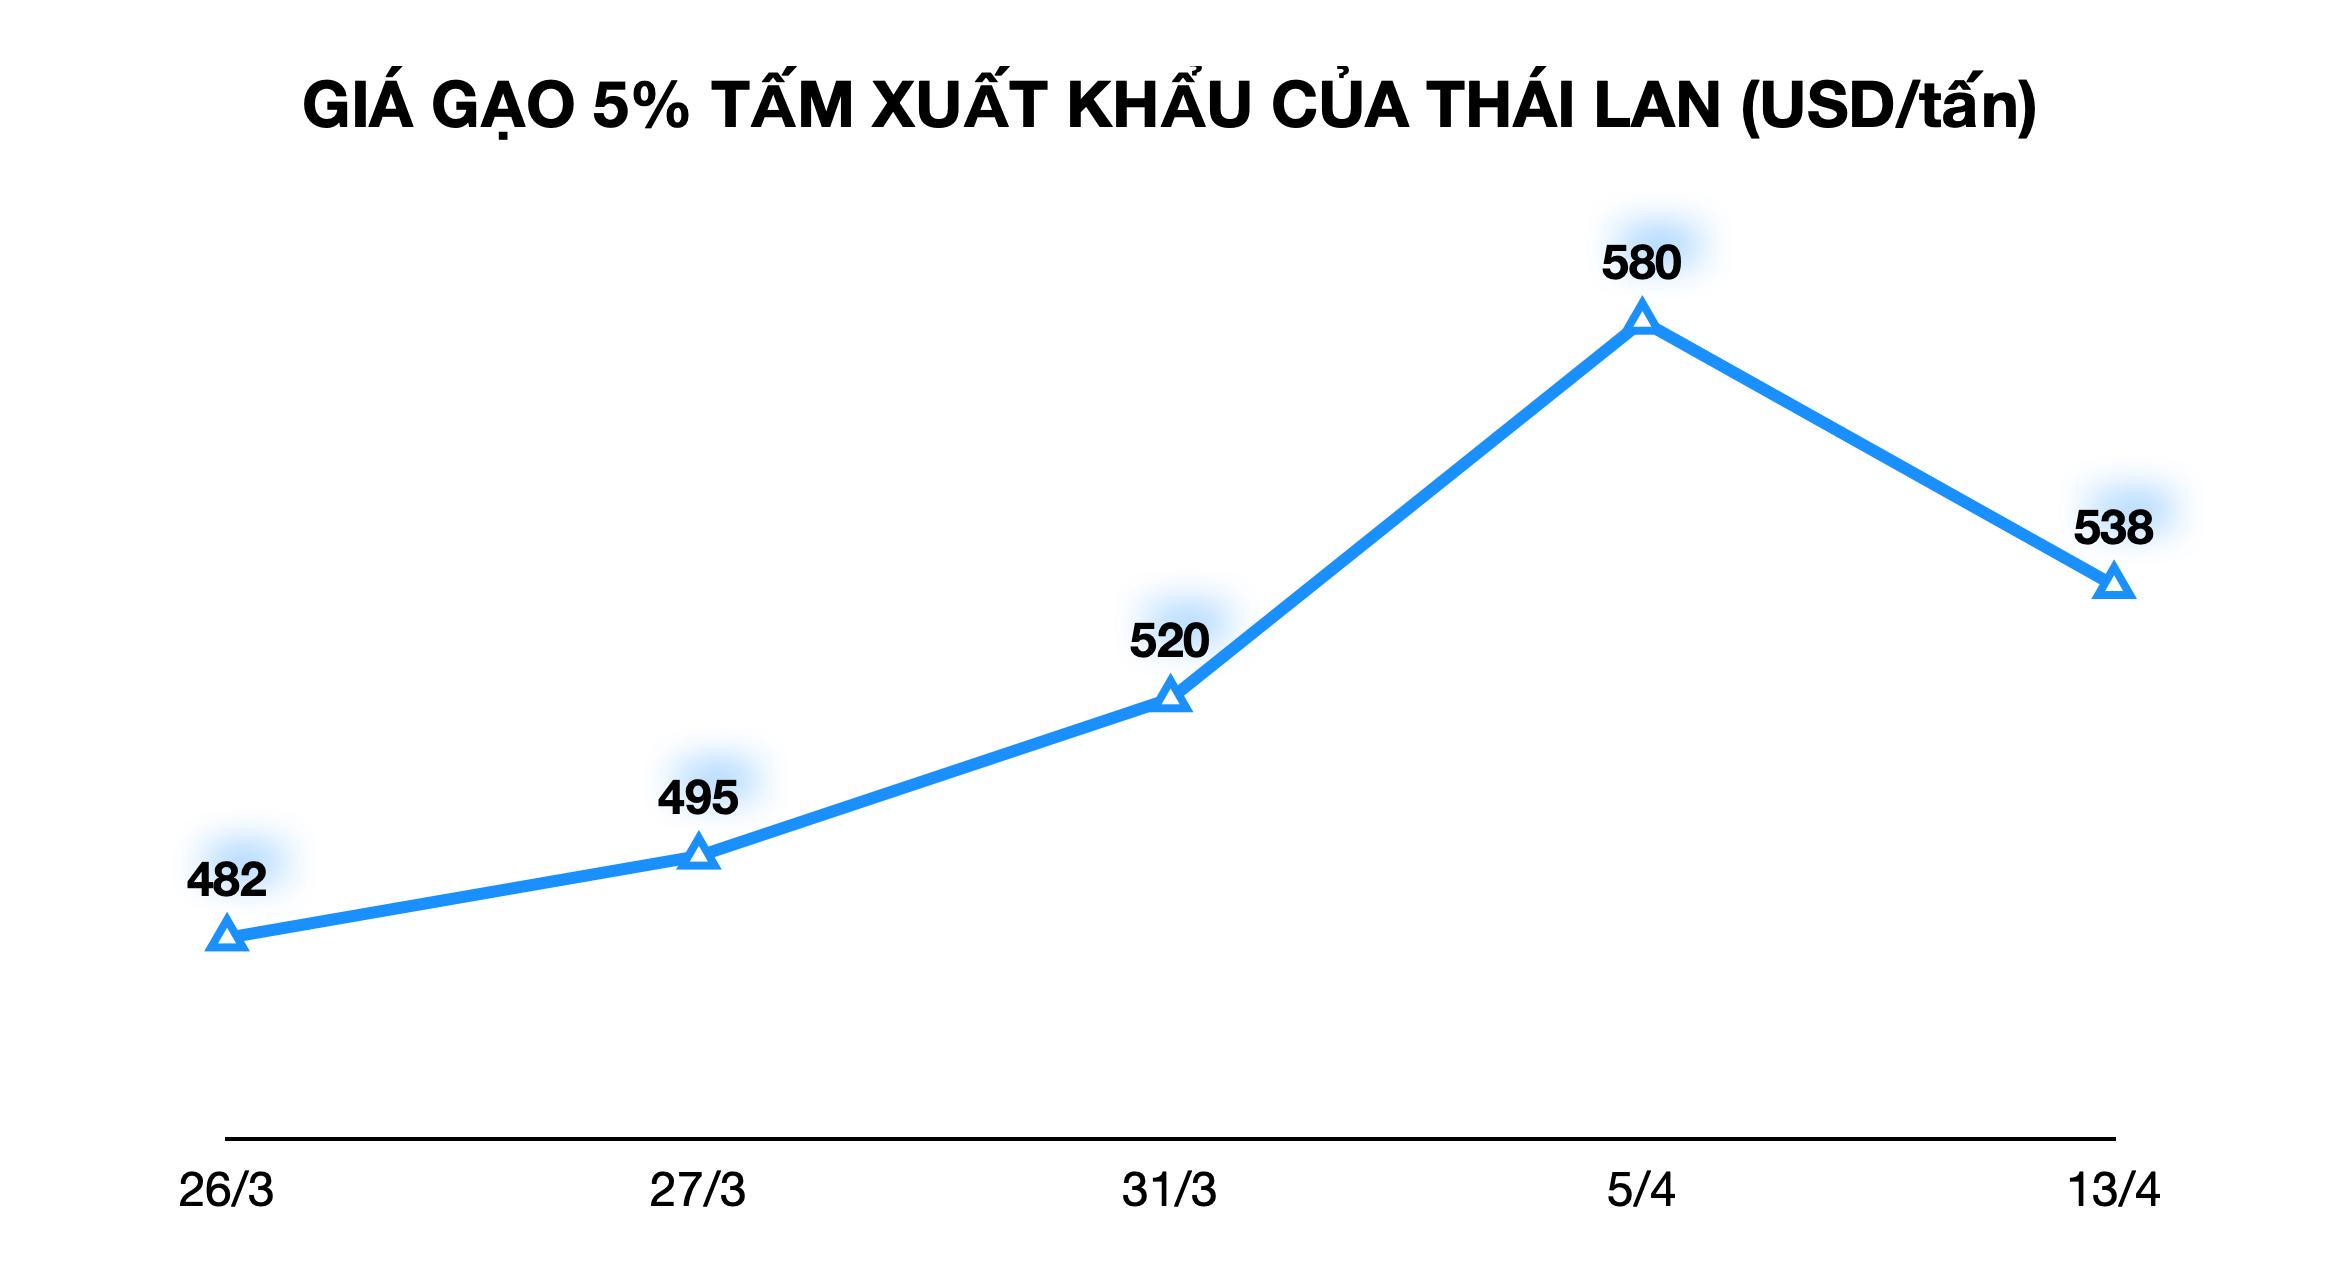 Trung Quốc mua hơn 1/10 gạo xuất khẩu của Việt Nam với giá 13.200 đồng/kg - Ảnh 2.